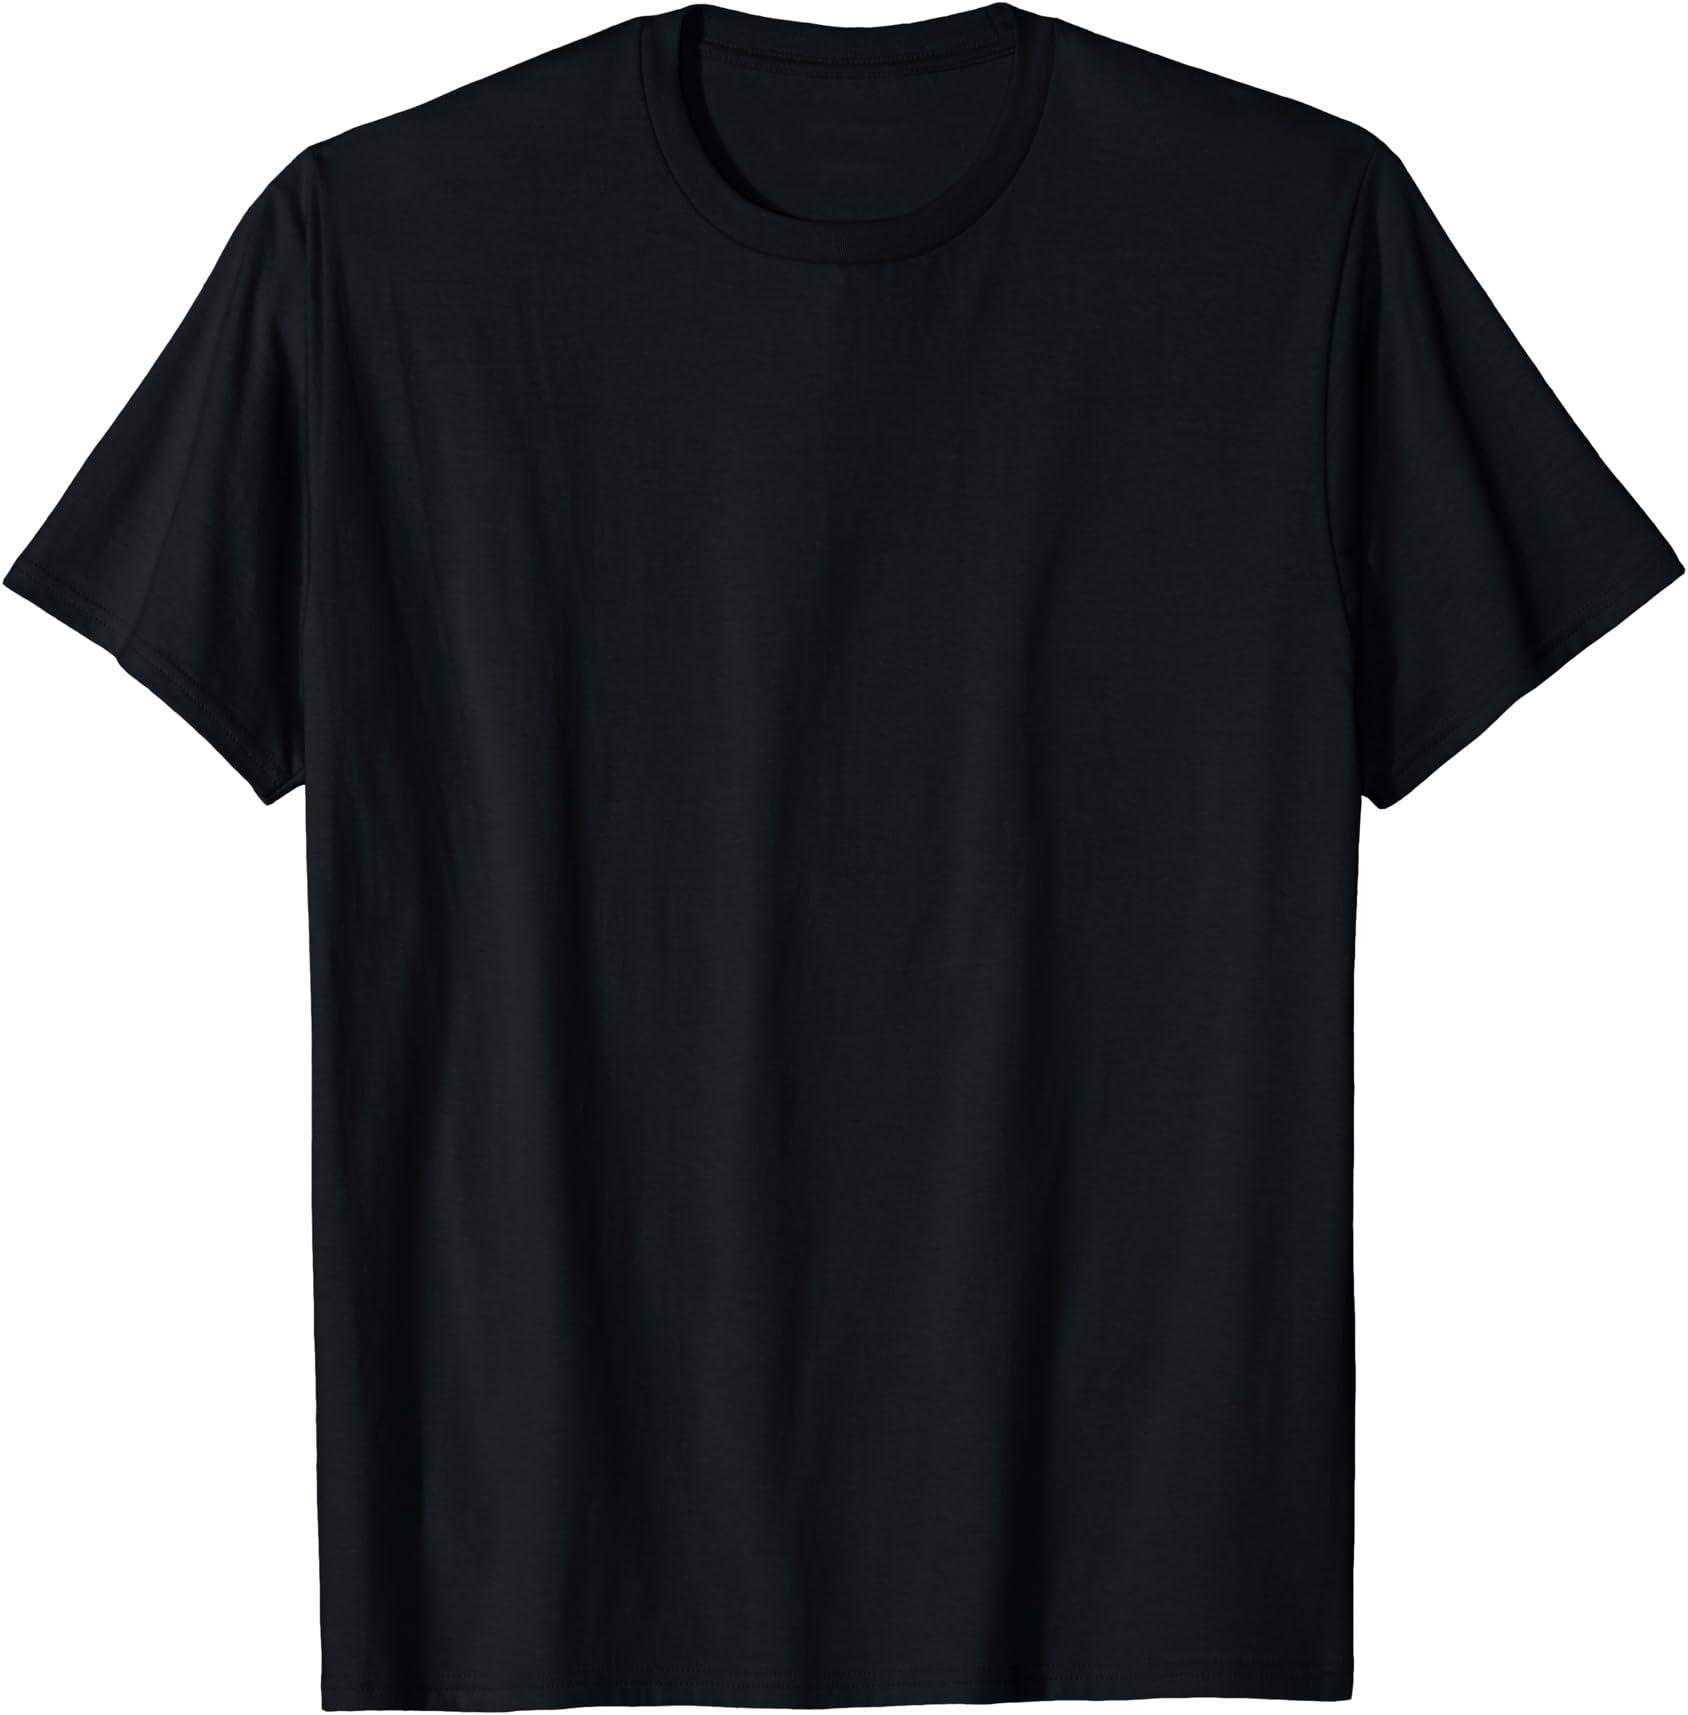 I Love Heart Jeff Black Kids Sweatshirt